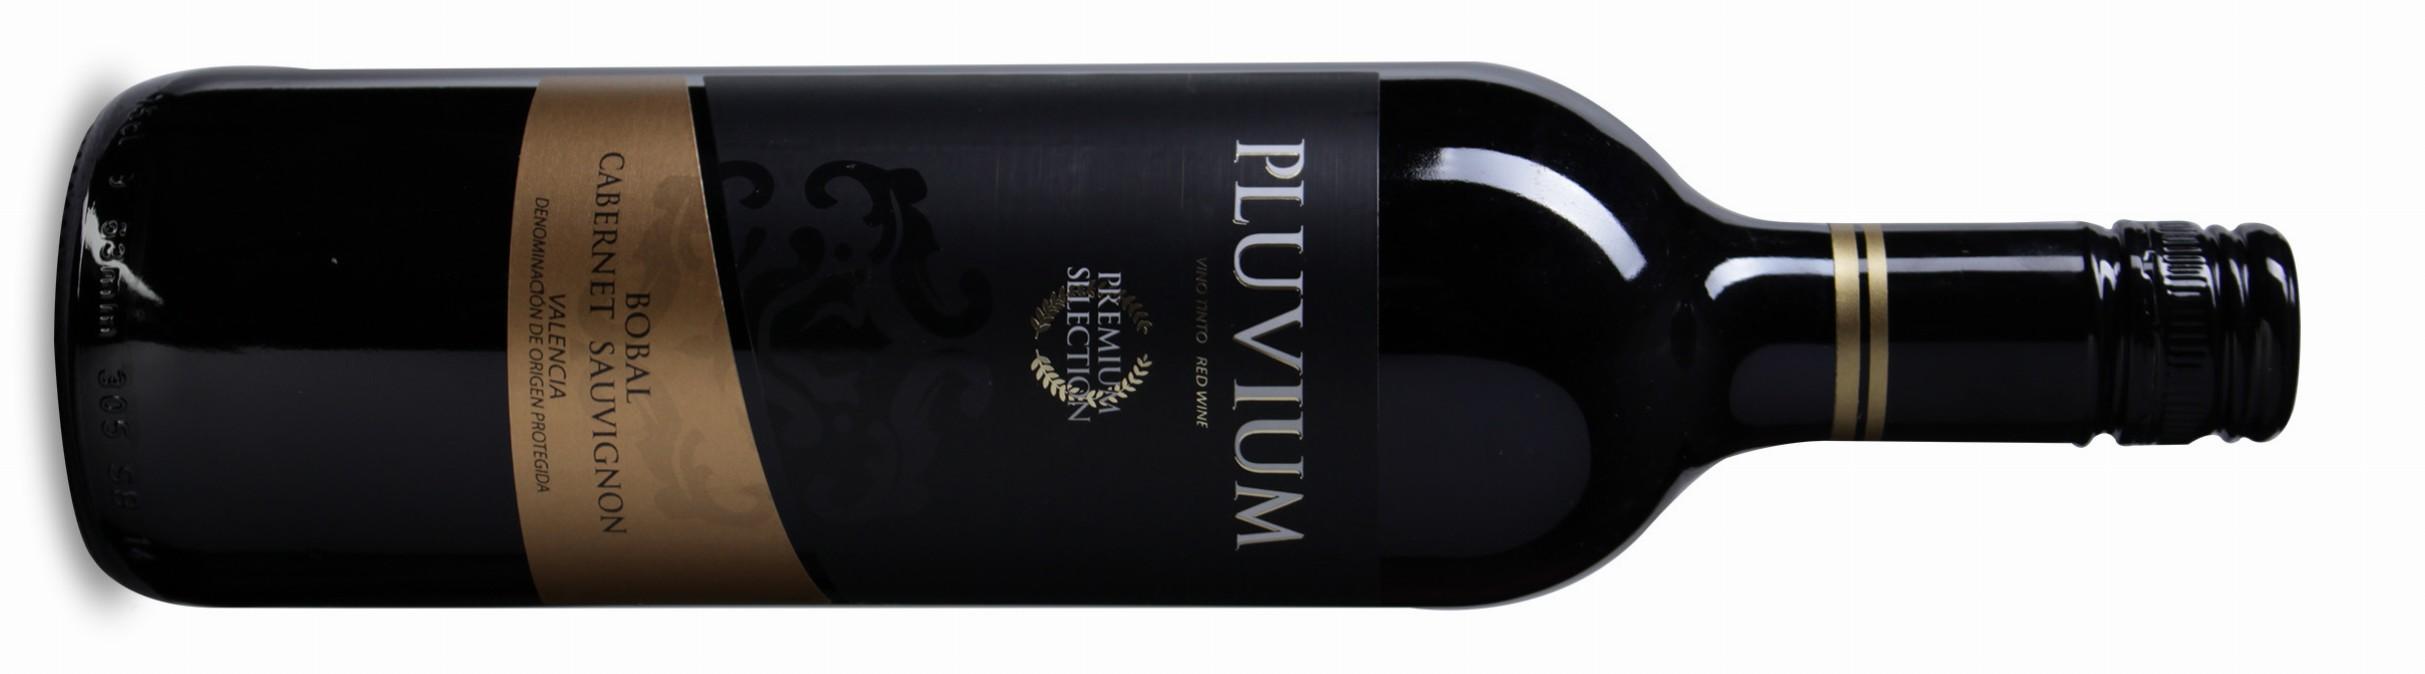 Pluvium Premium Selection Bobal-Cabernet Sauvignon 2014